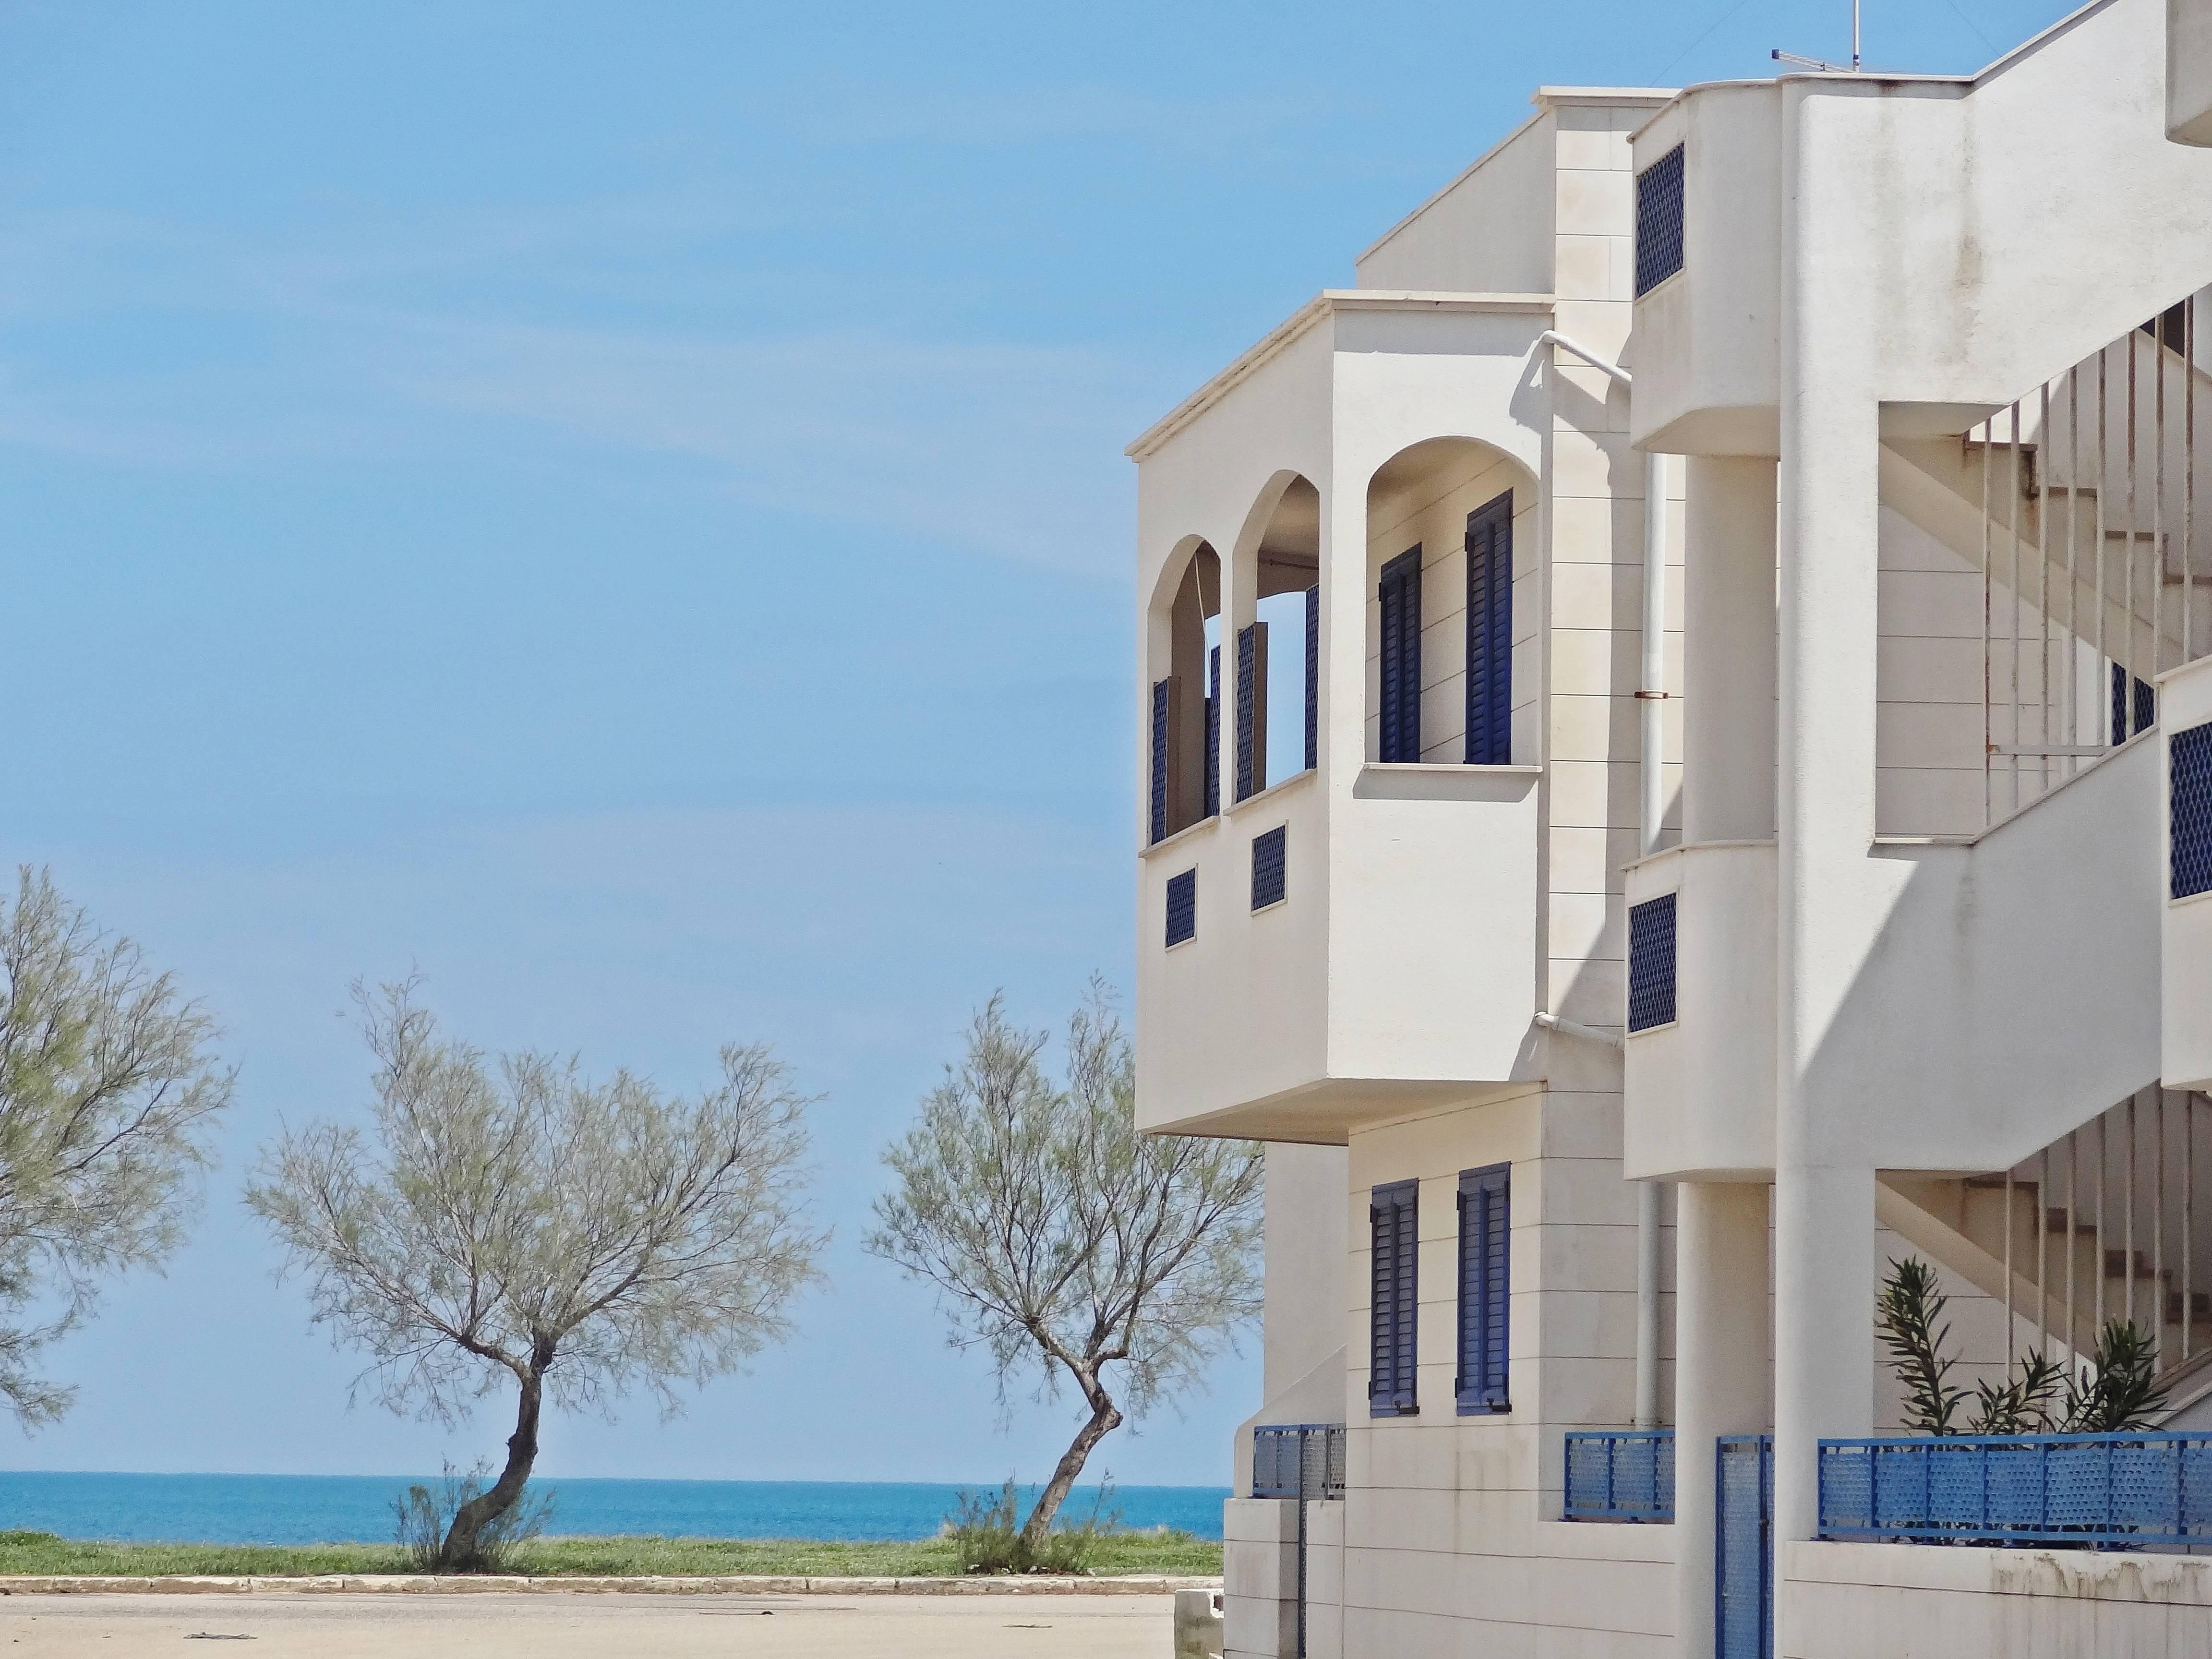 Appartamento in affitto a 50 m dalla spiaggia torre for Case in affitto a brindisi arredate